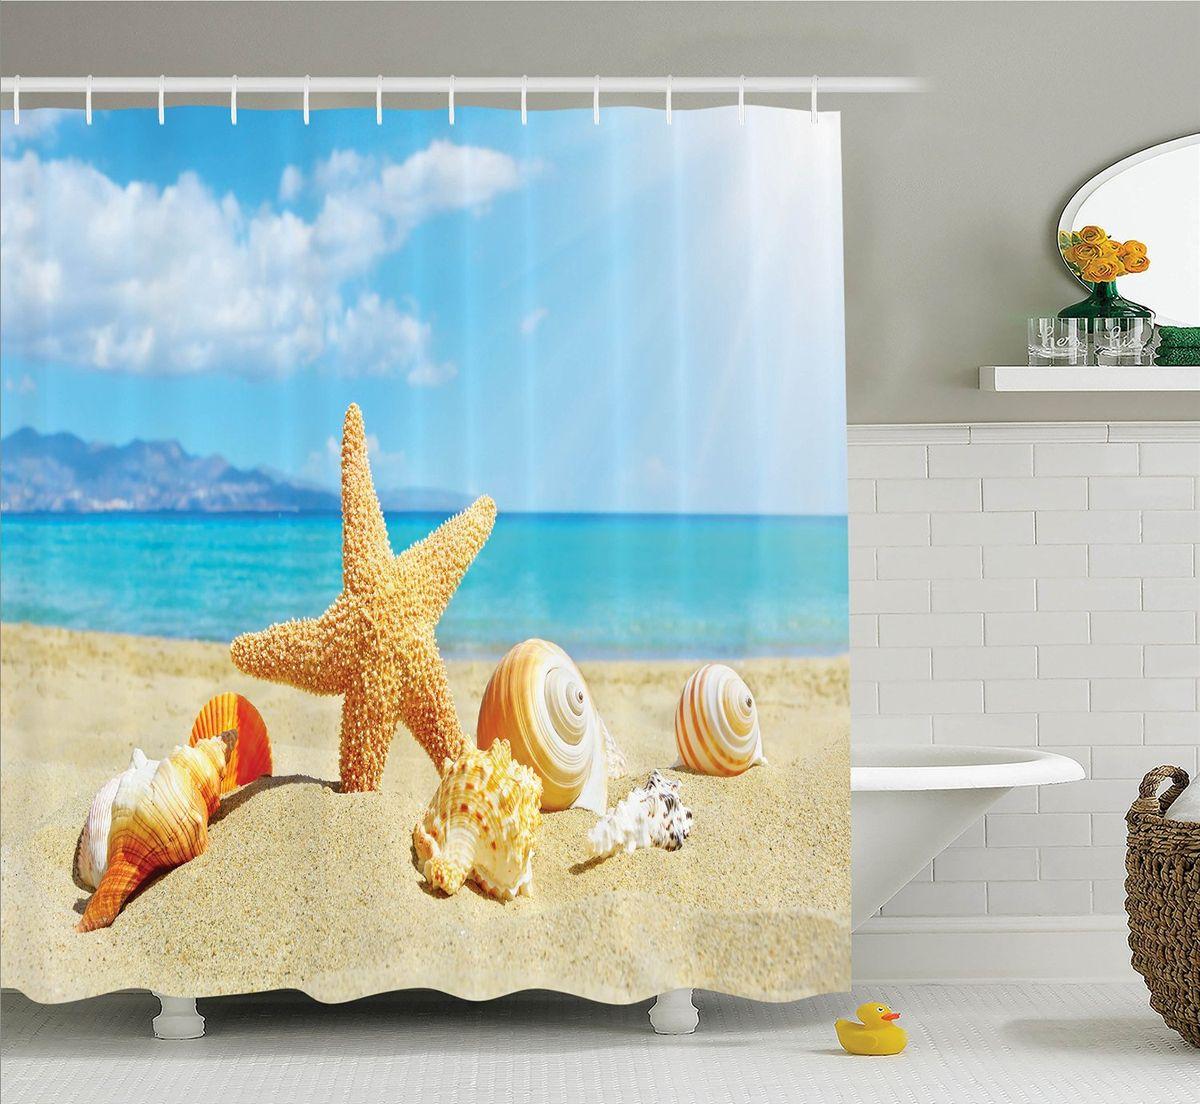 Штора для ванной комнаты Magic Lady Ракушки на пляже, 180 х 200 смшв_11818Компания Сэмболь изготавливает шторы из высококачественного сатена (полиэстер 100%). При изготовлении используются специальные гипоаллергенные чернила для прямой печати по ткани, безопасные для человека и животных. Экологичность продукции Magic lady и безопасность для окружающей среды подтверждены сертификатом Oeko-Tex Standard 100. Крепление: крючки (12 шт.). Внимание! При нанесении сублимационной печати на ткань технологическим методом при температуре 240 С, возможно отклонение полученных размеров, указанных на этикетке и сайте, от стандартных на + - 3-5 см. Мы стараемся максимально точно передать цвета изделия на наших фотографиях, однако искажения неизбежны и фактический цвет изделия может отличаться от воспринимаемого по фото. Обратите внимание! Шторы изготовлены из полиэстра сатенового переплетения, а не из сатина (хлопок). Размер шторы 180*200 см. В комплекте 1 штора и 12 крючков.